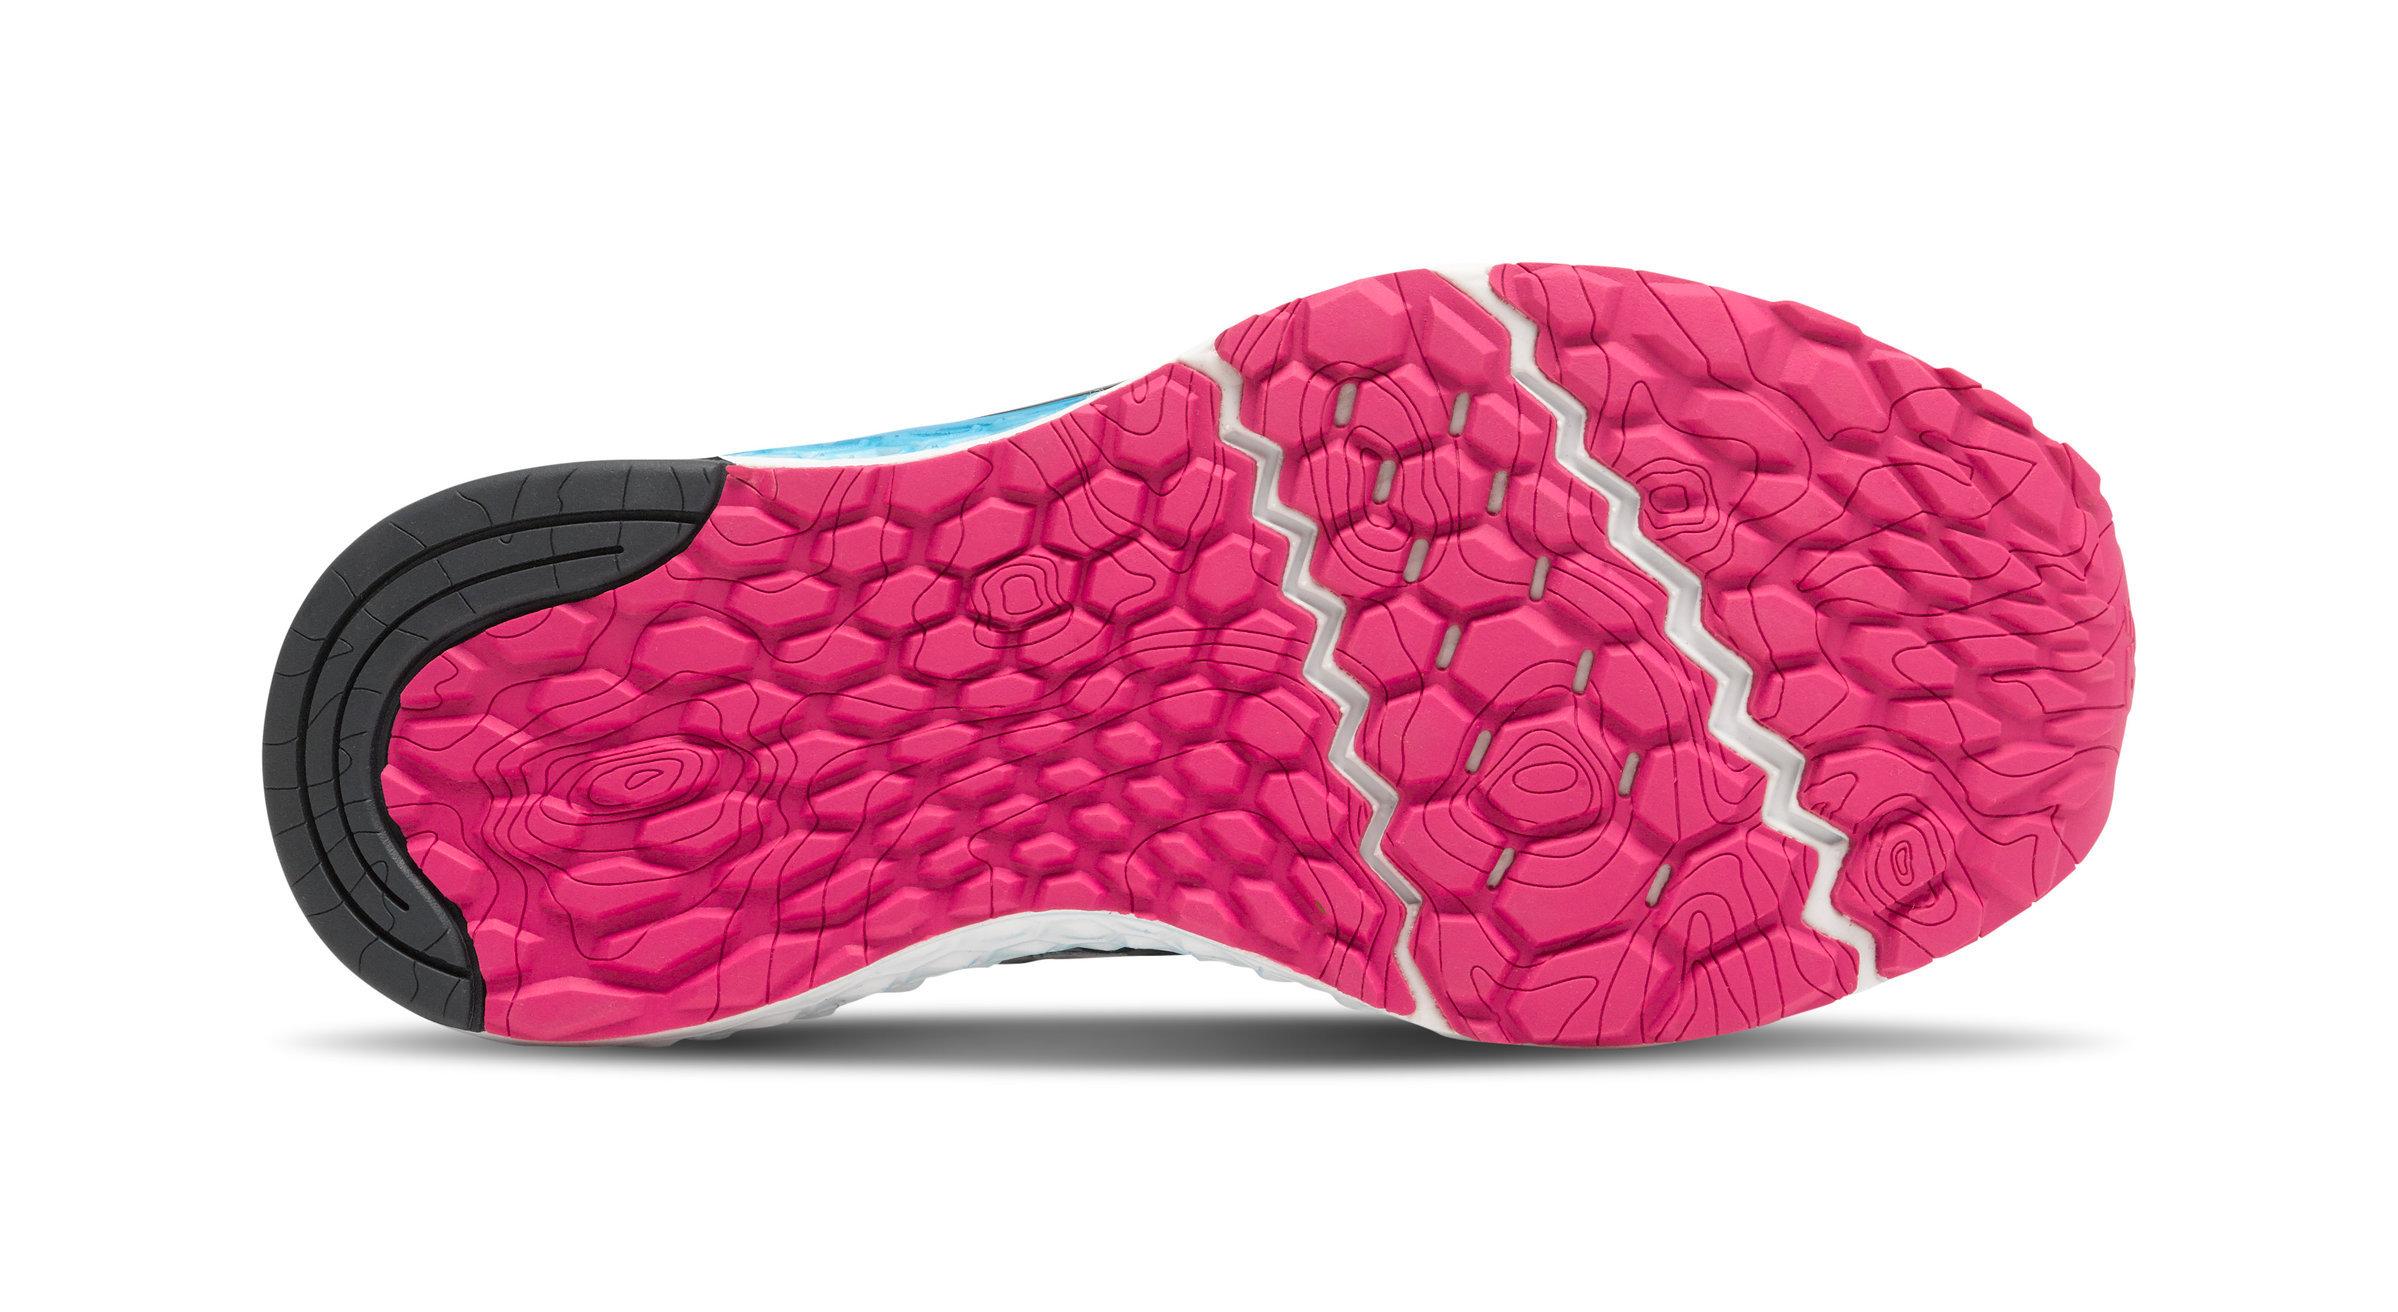 fresh-foam-1080_W1080-V6_W-9.5_BLUE-PINK_Sole.jpg